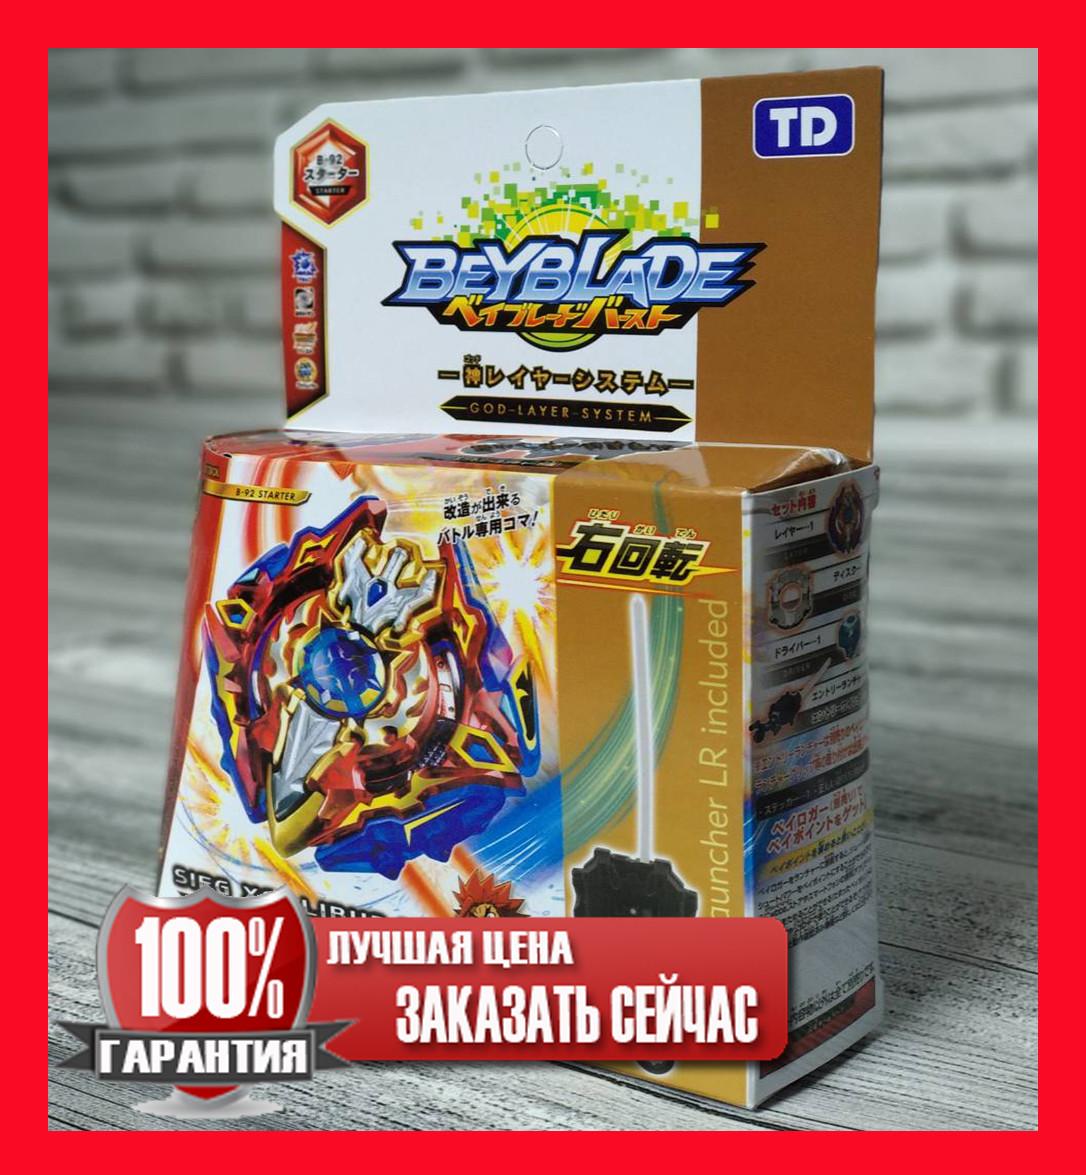 Игровой набор Beyblade (Бейблейд) B-92 starter